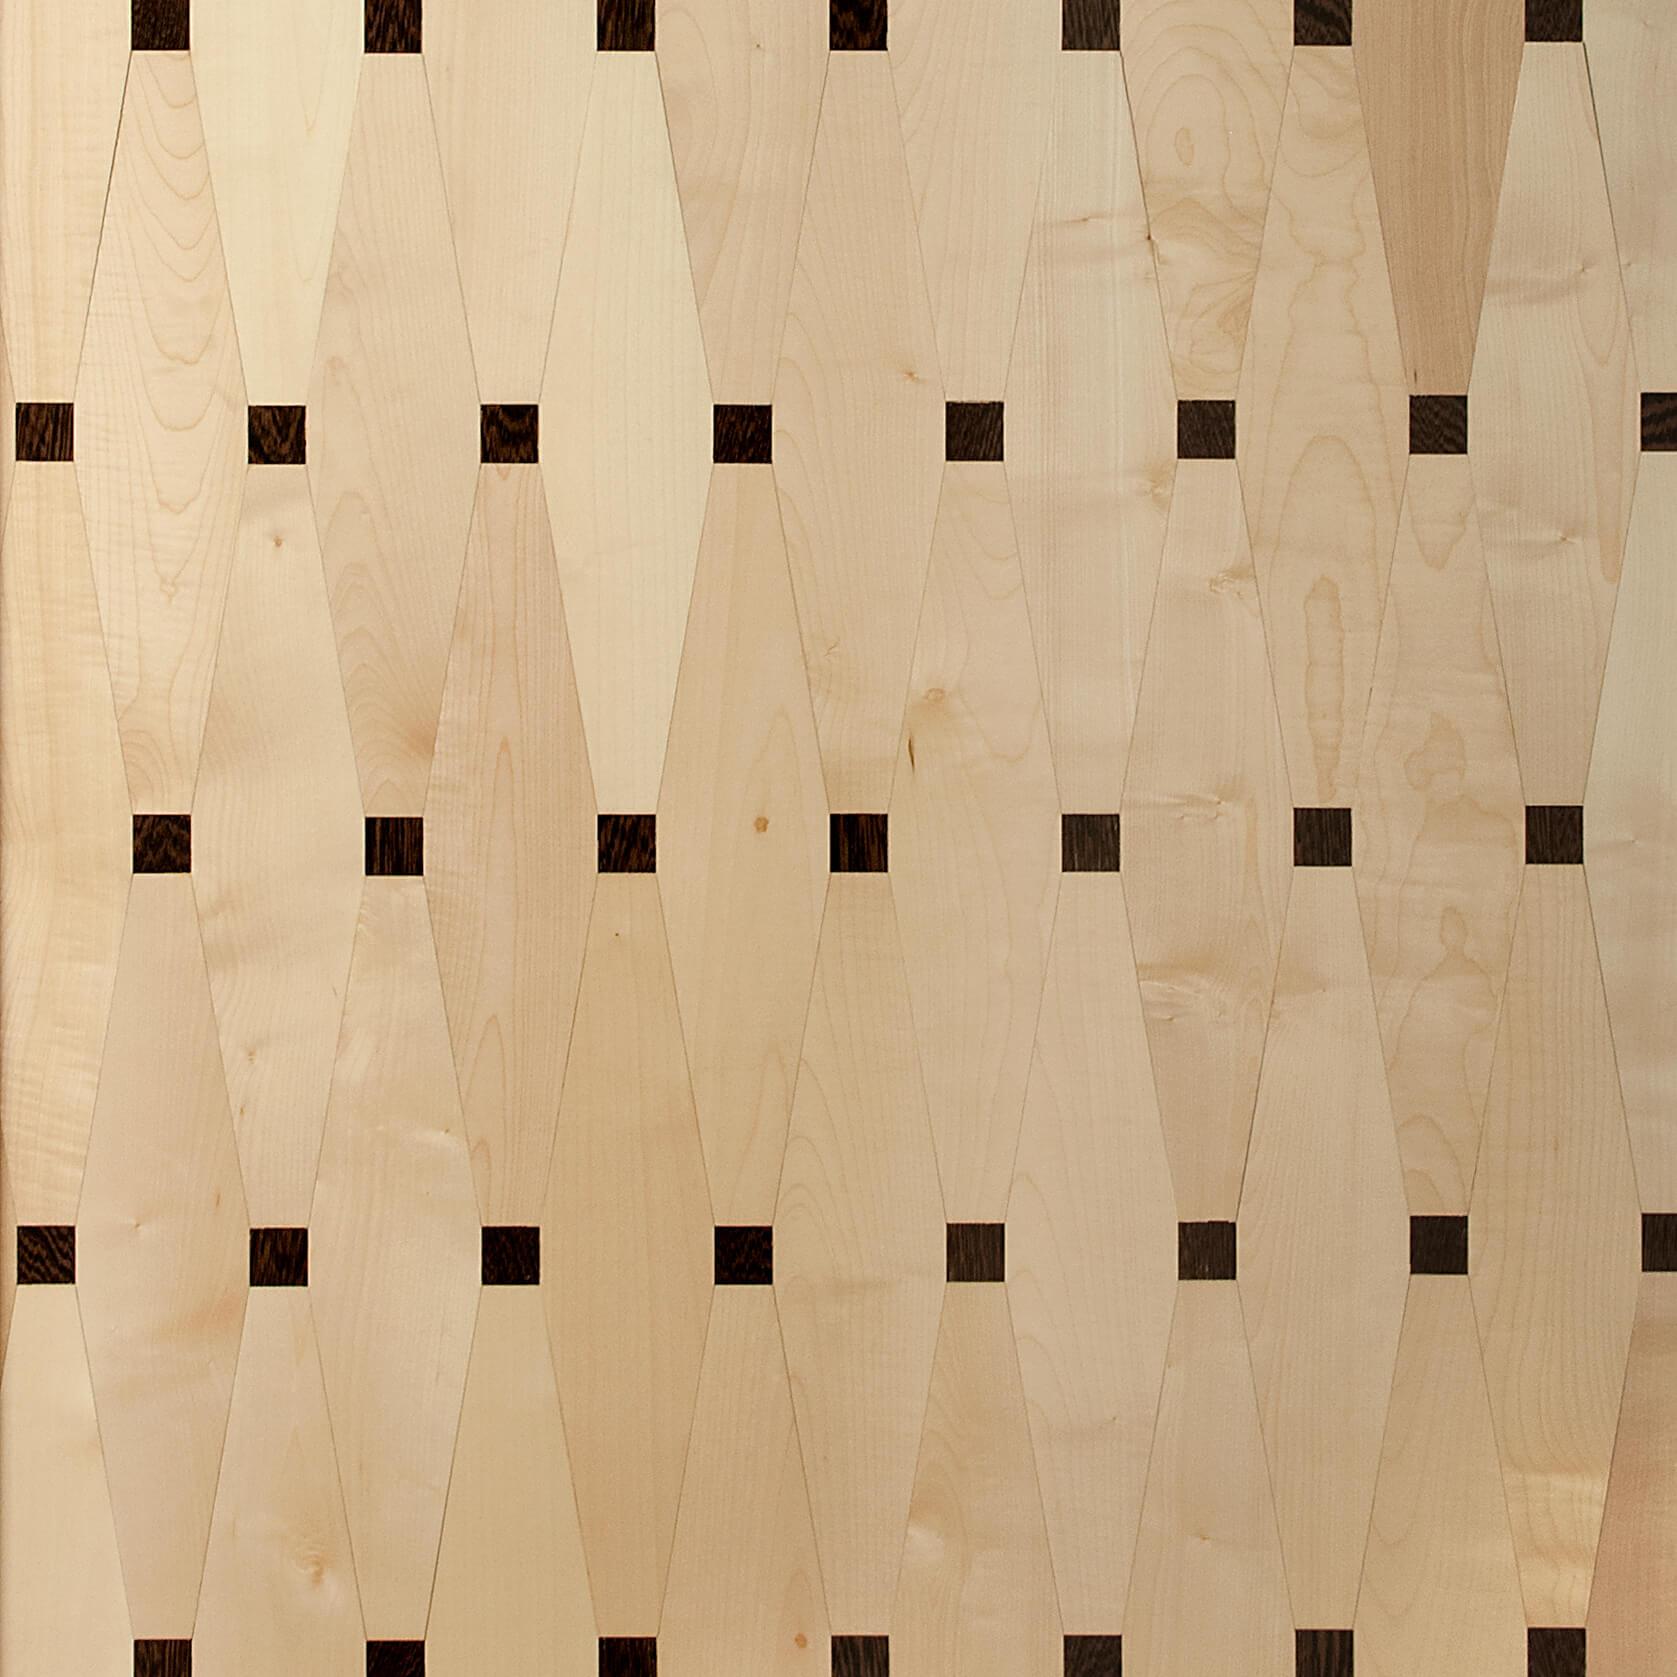 Element7-Bespoke-Floors-Biedermeier_Big